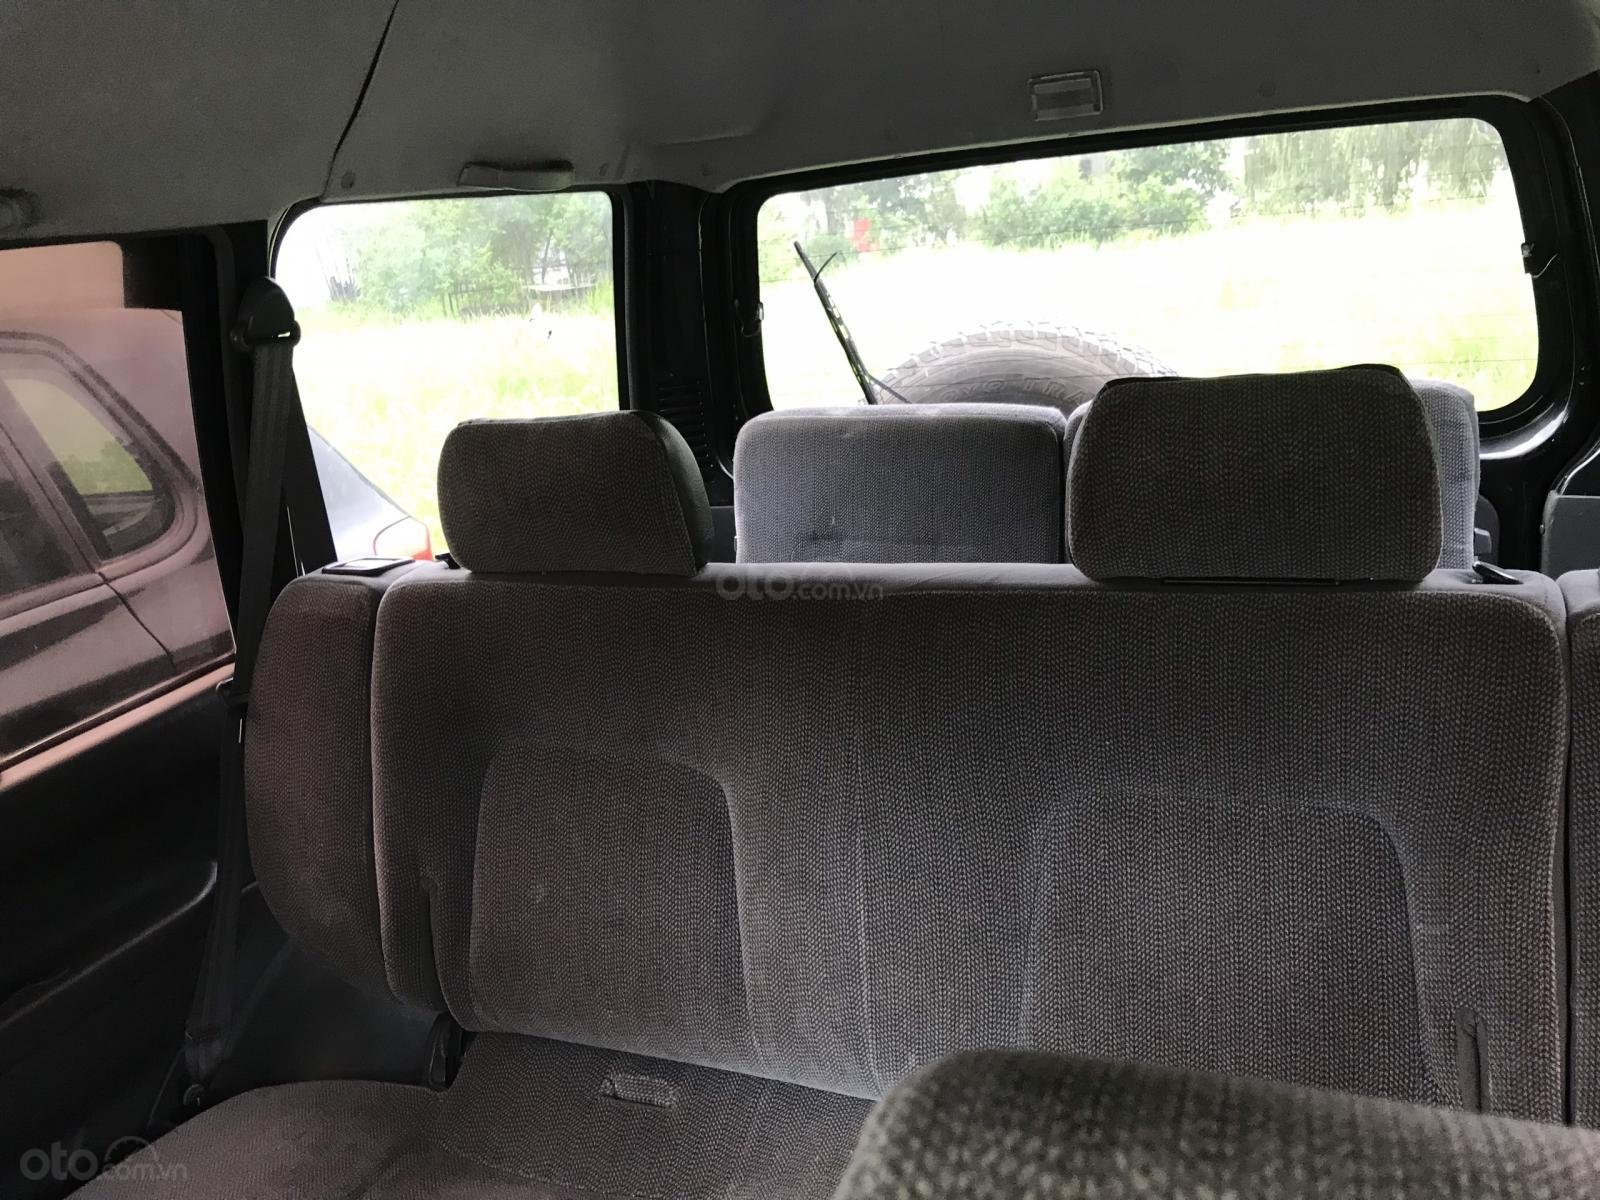 Cần bán xe Mitsubishi Pajero năm 2006 nguyên bản-6